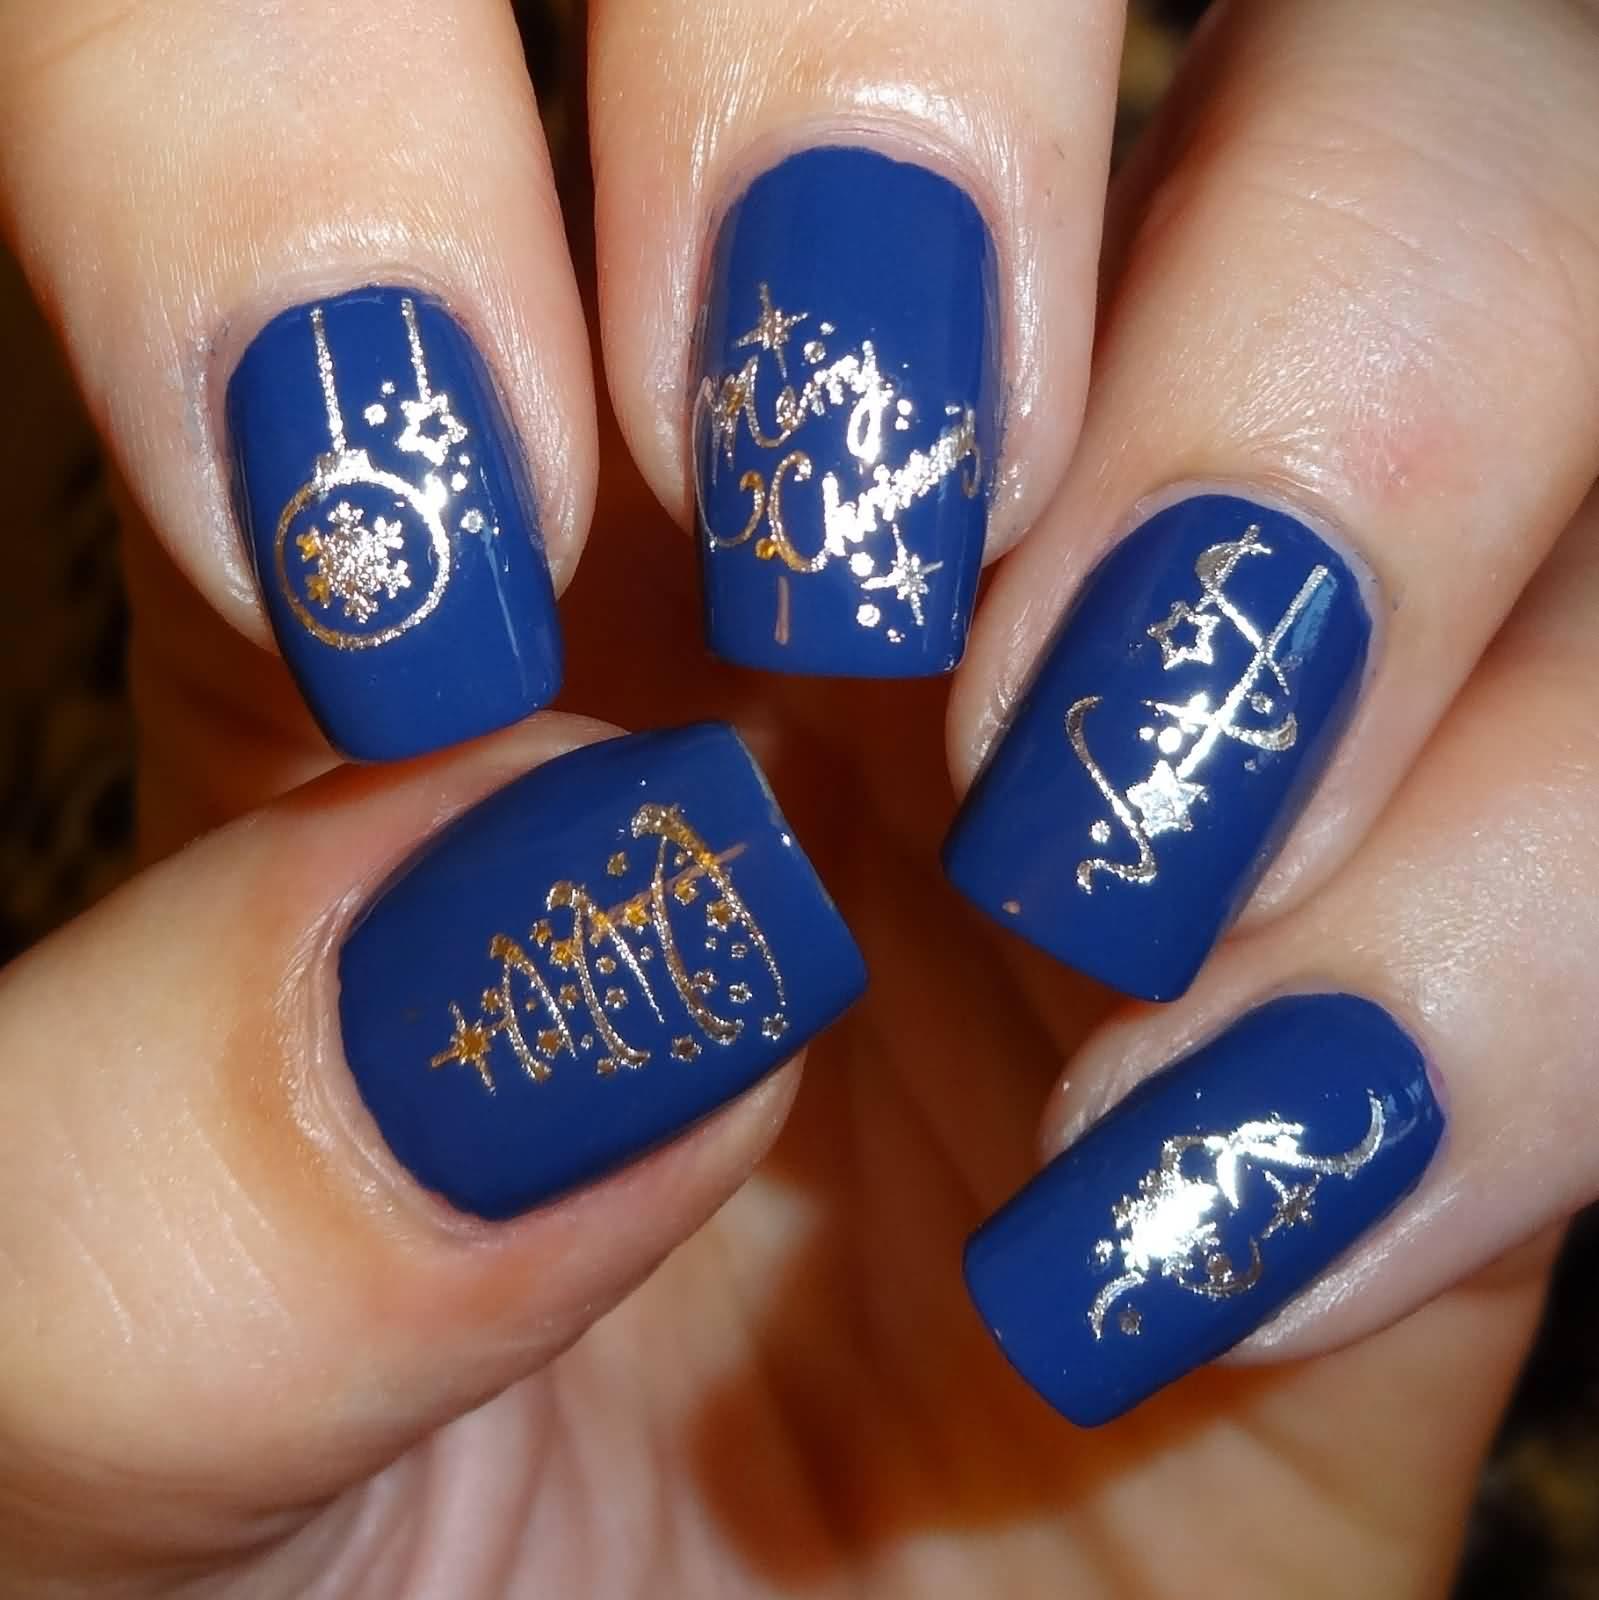 Royal Blue Nails And Silver Christmas Design Nail Art